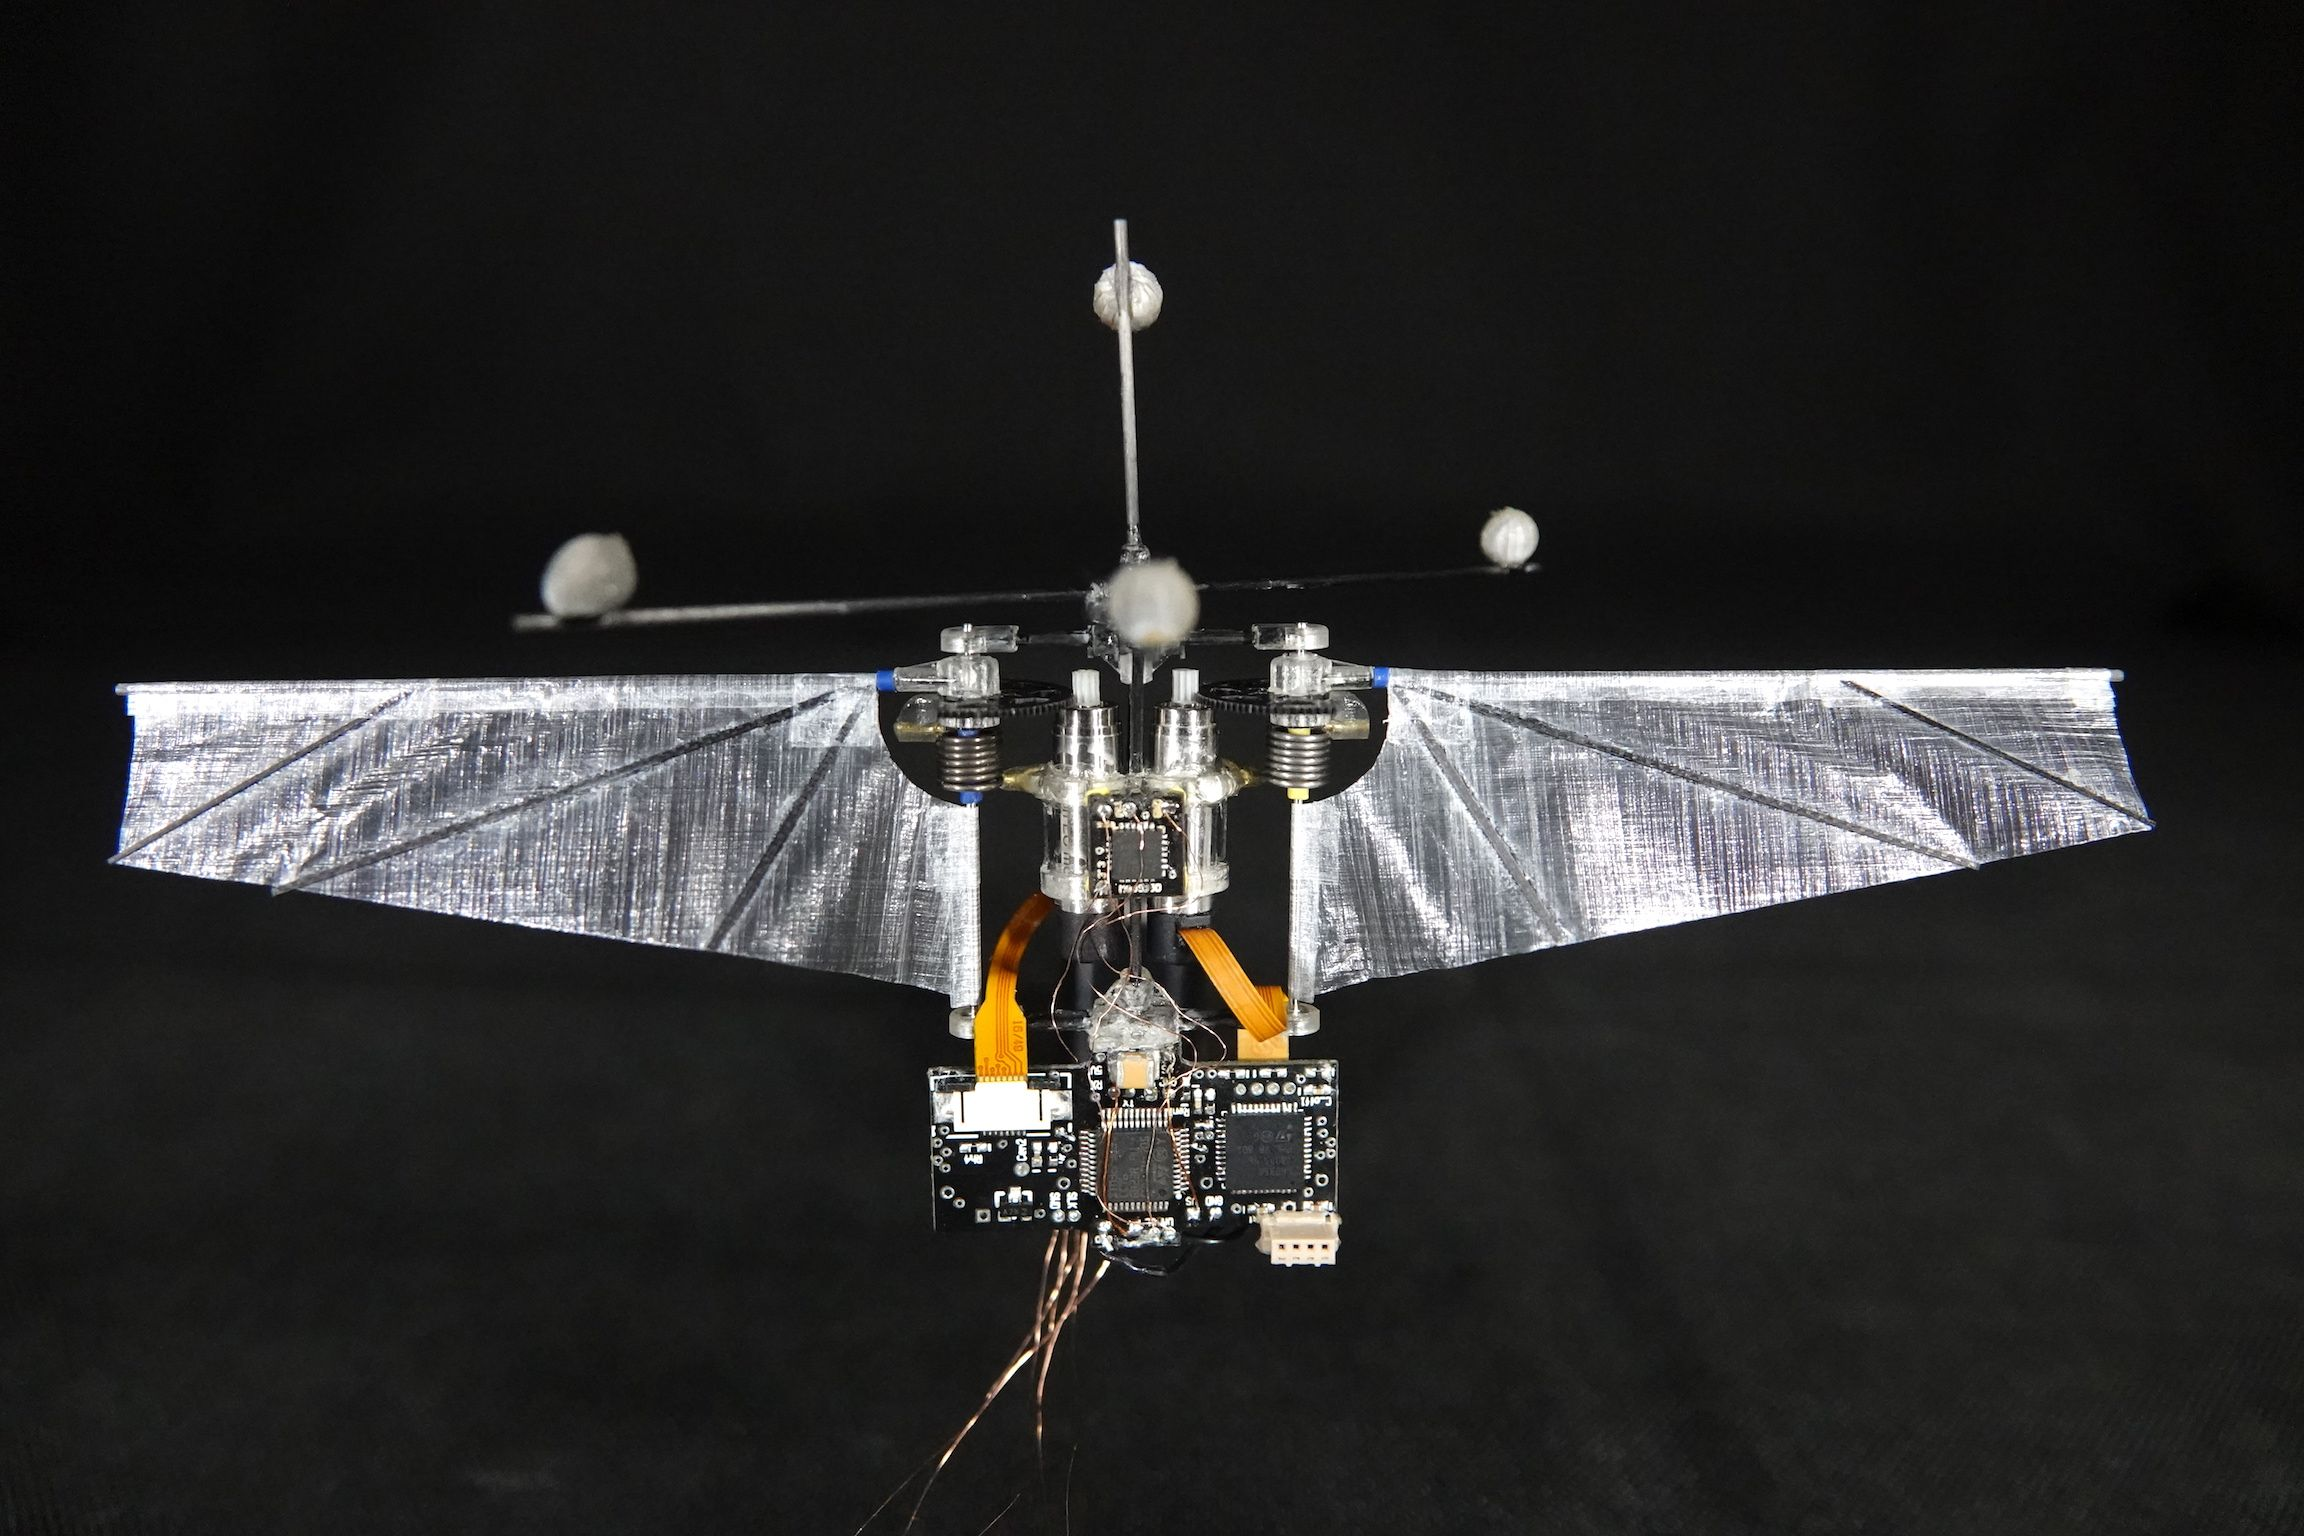 Purdue's Robot Hummingbird